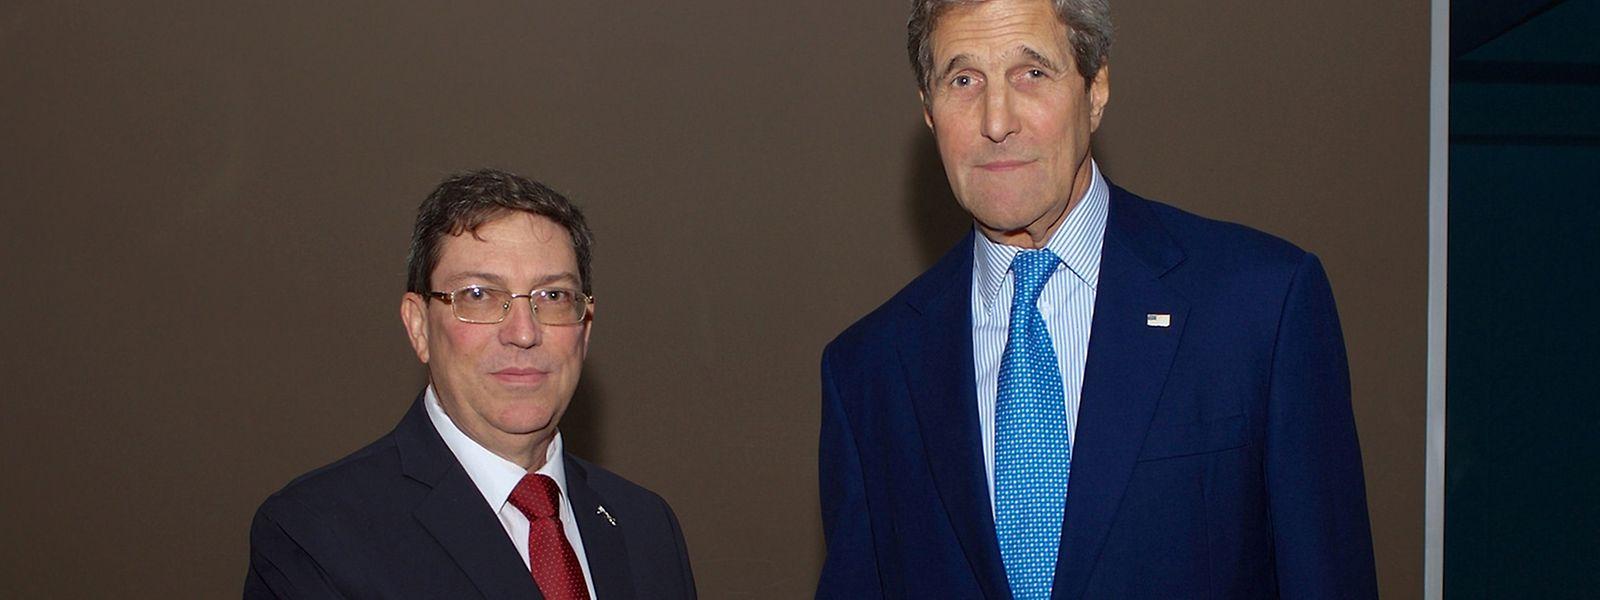 US-Aussenminister John Kerry (R) mit seinem kubanischen Amtskollegen Bruno Rodriguez im Vorfeld des Gipfels.